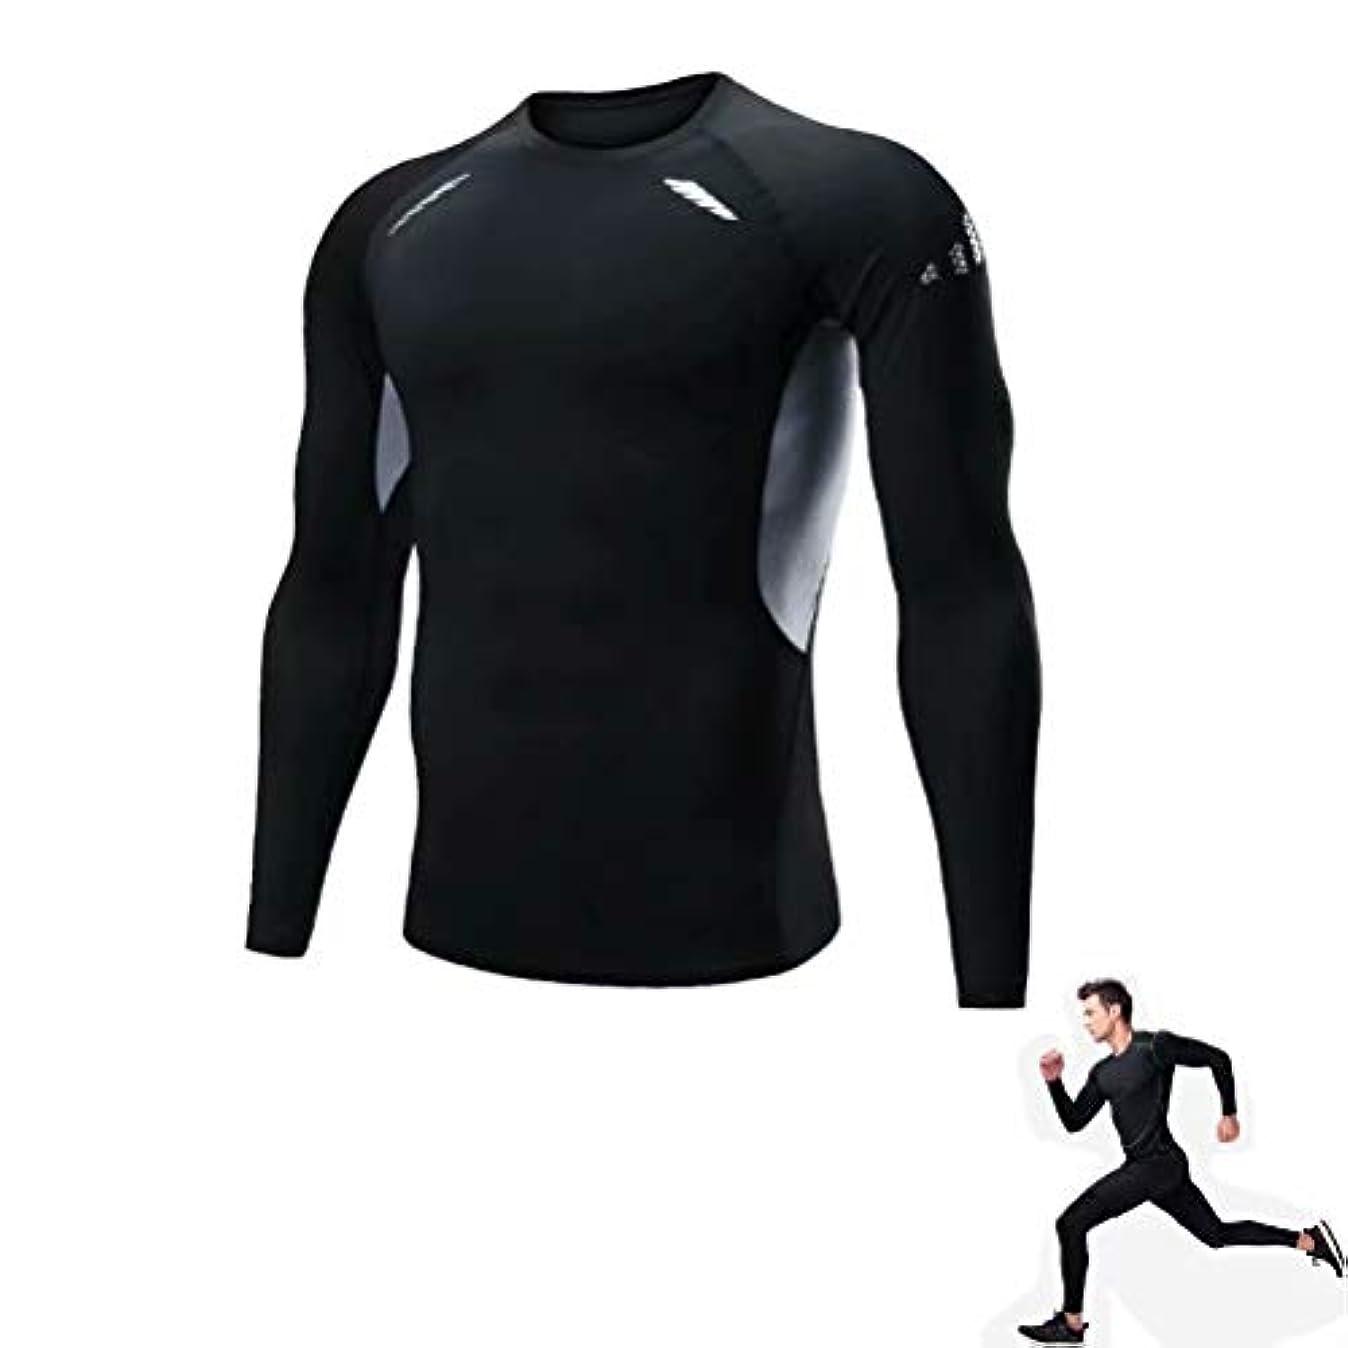 家畜端末反逆者長袖加圧シャツ スポーツシャツ 加圧インナー メンズ レディース トレーニングウェア 姿勢矯正 ダイエット 吸汗 速乾